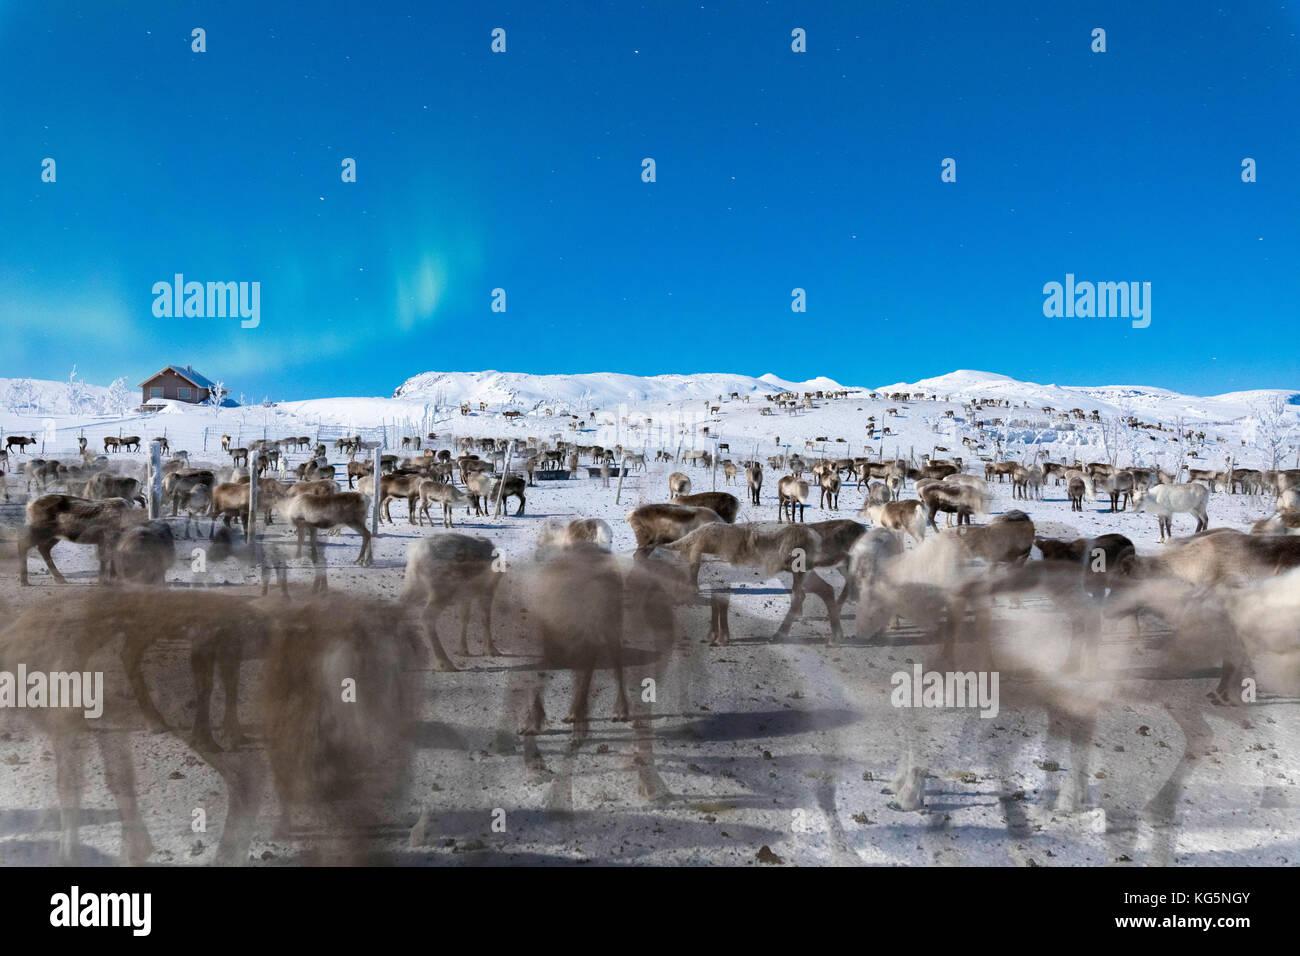 Troupeau de rennes dans le cadre de northern lights, abisko, municipalité du comté de Norrbotten, Kiruna, Photo Stock